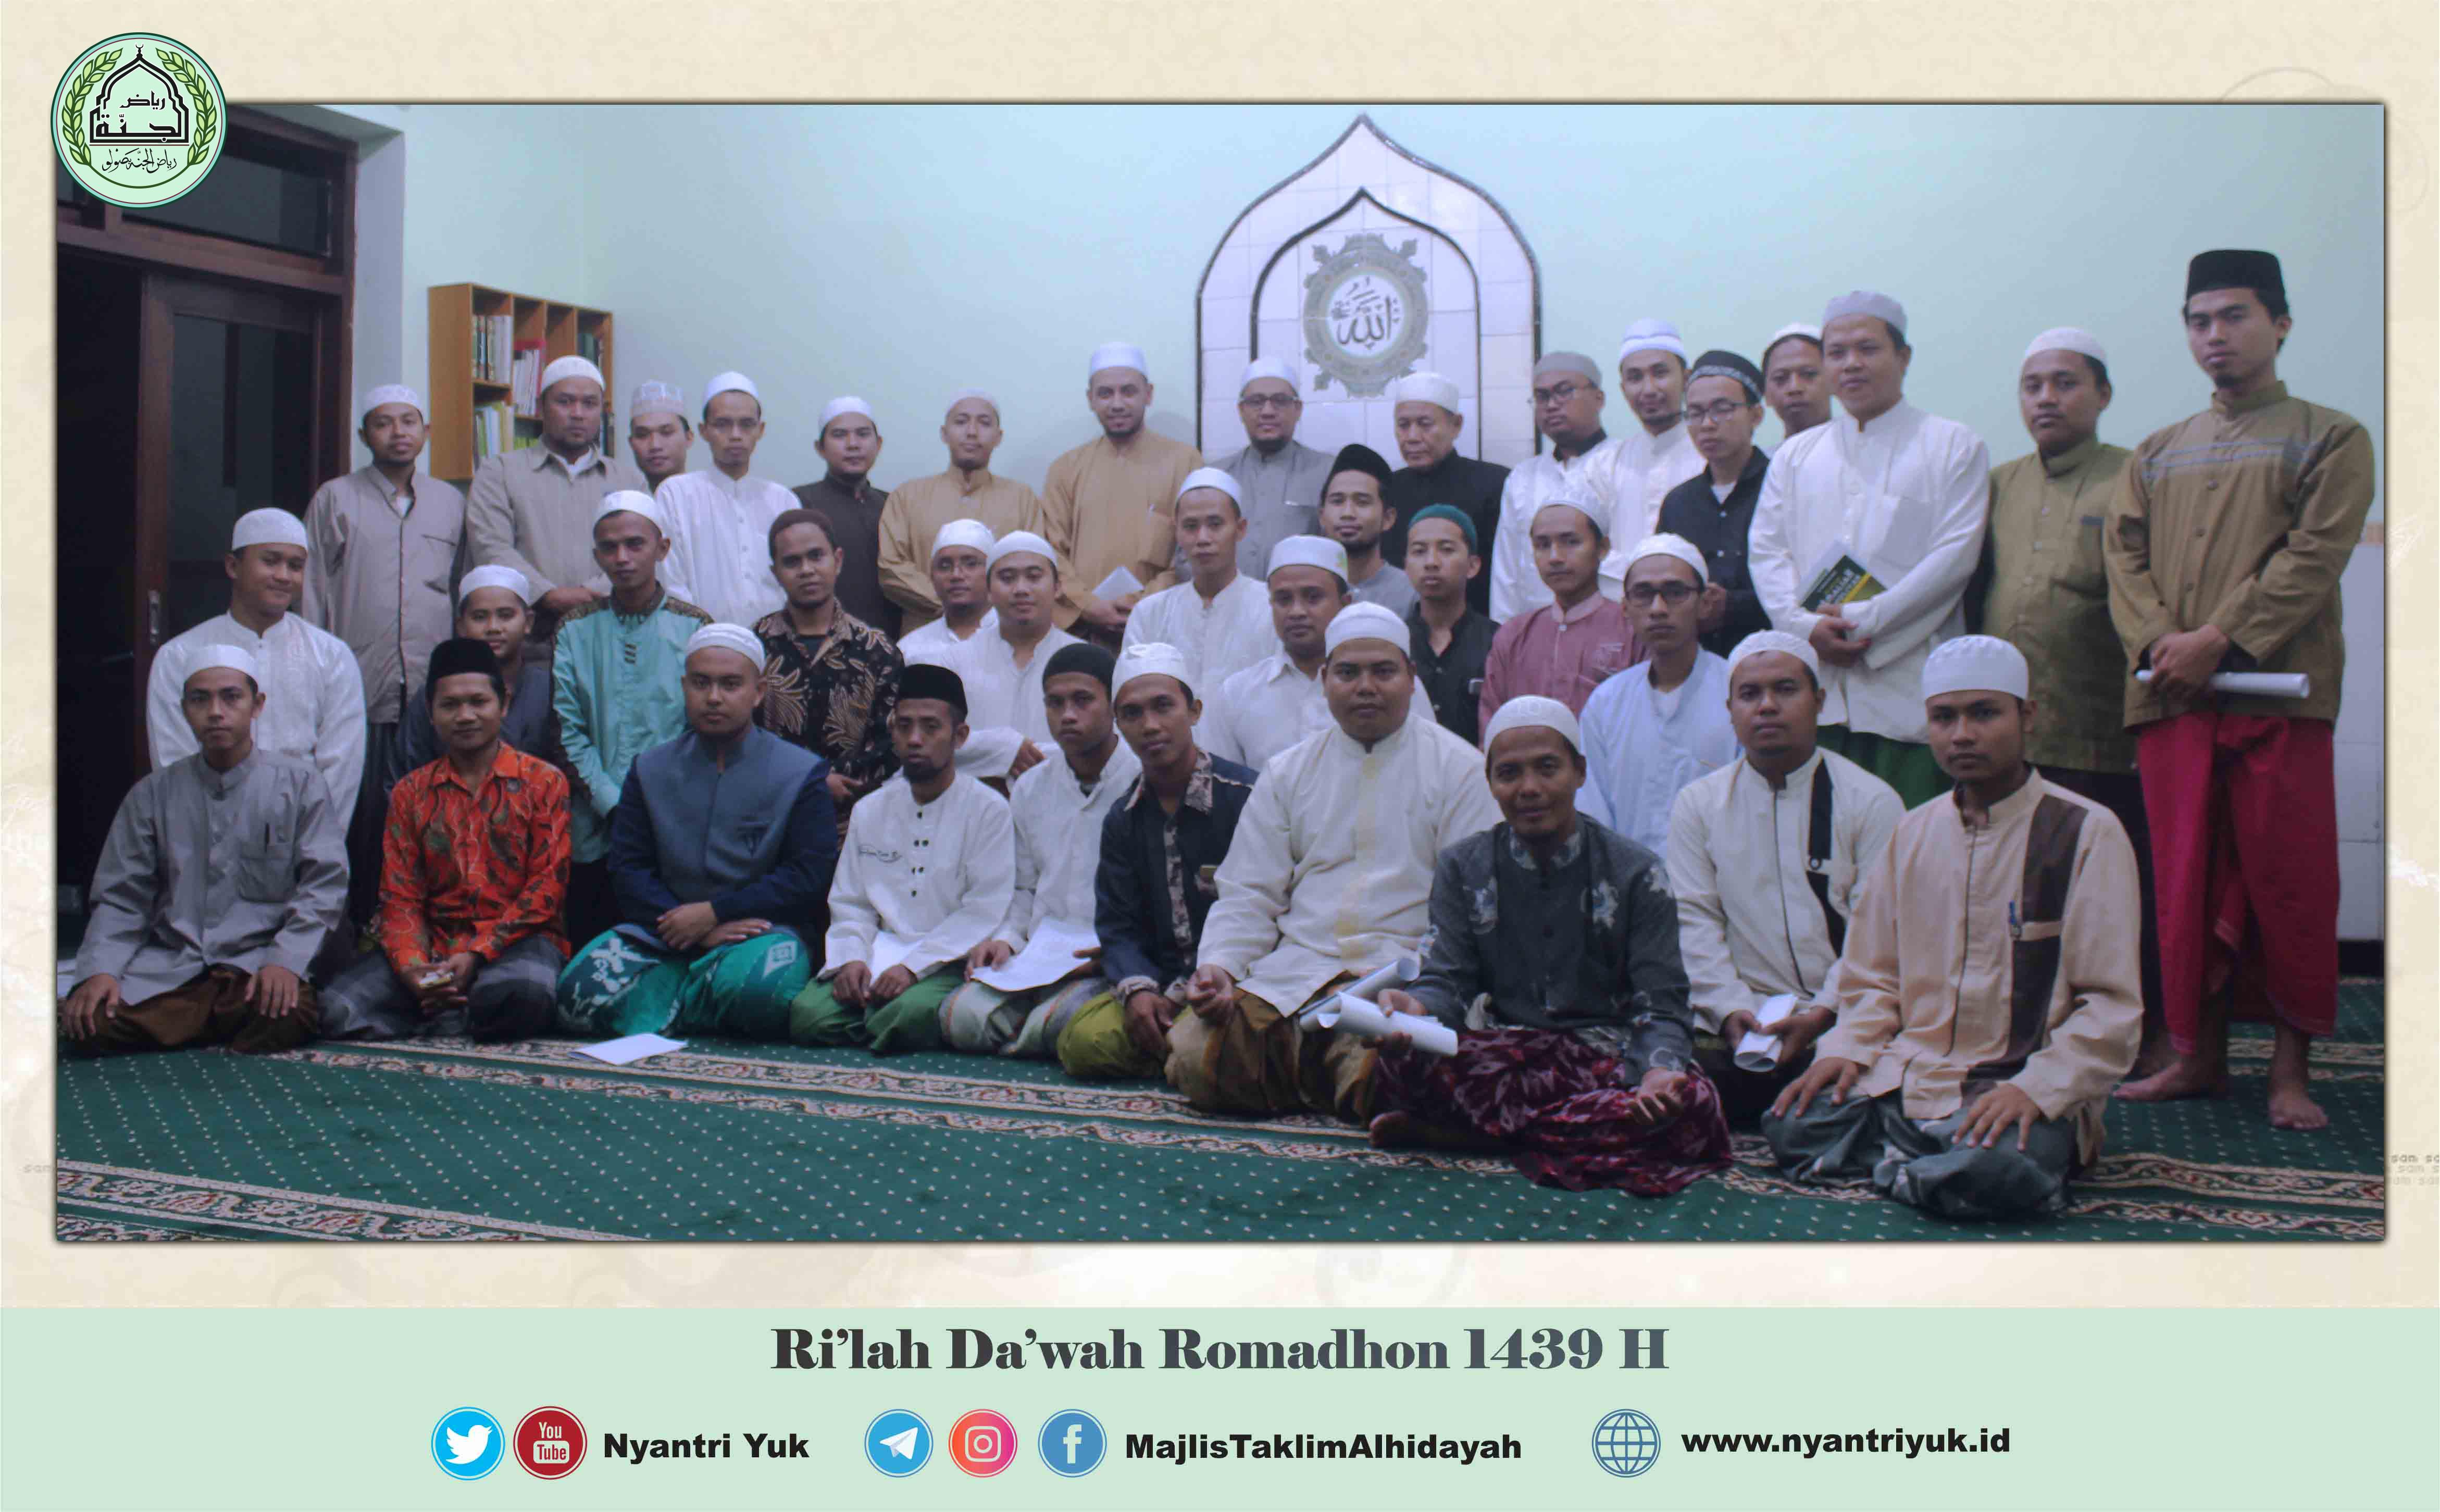 Muallaf Bersyahadat di Siang Hari Ramadhan, Wajibkah Berpuasa?